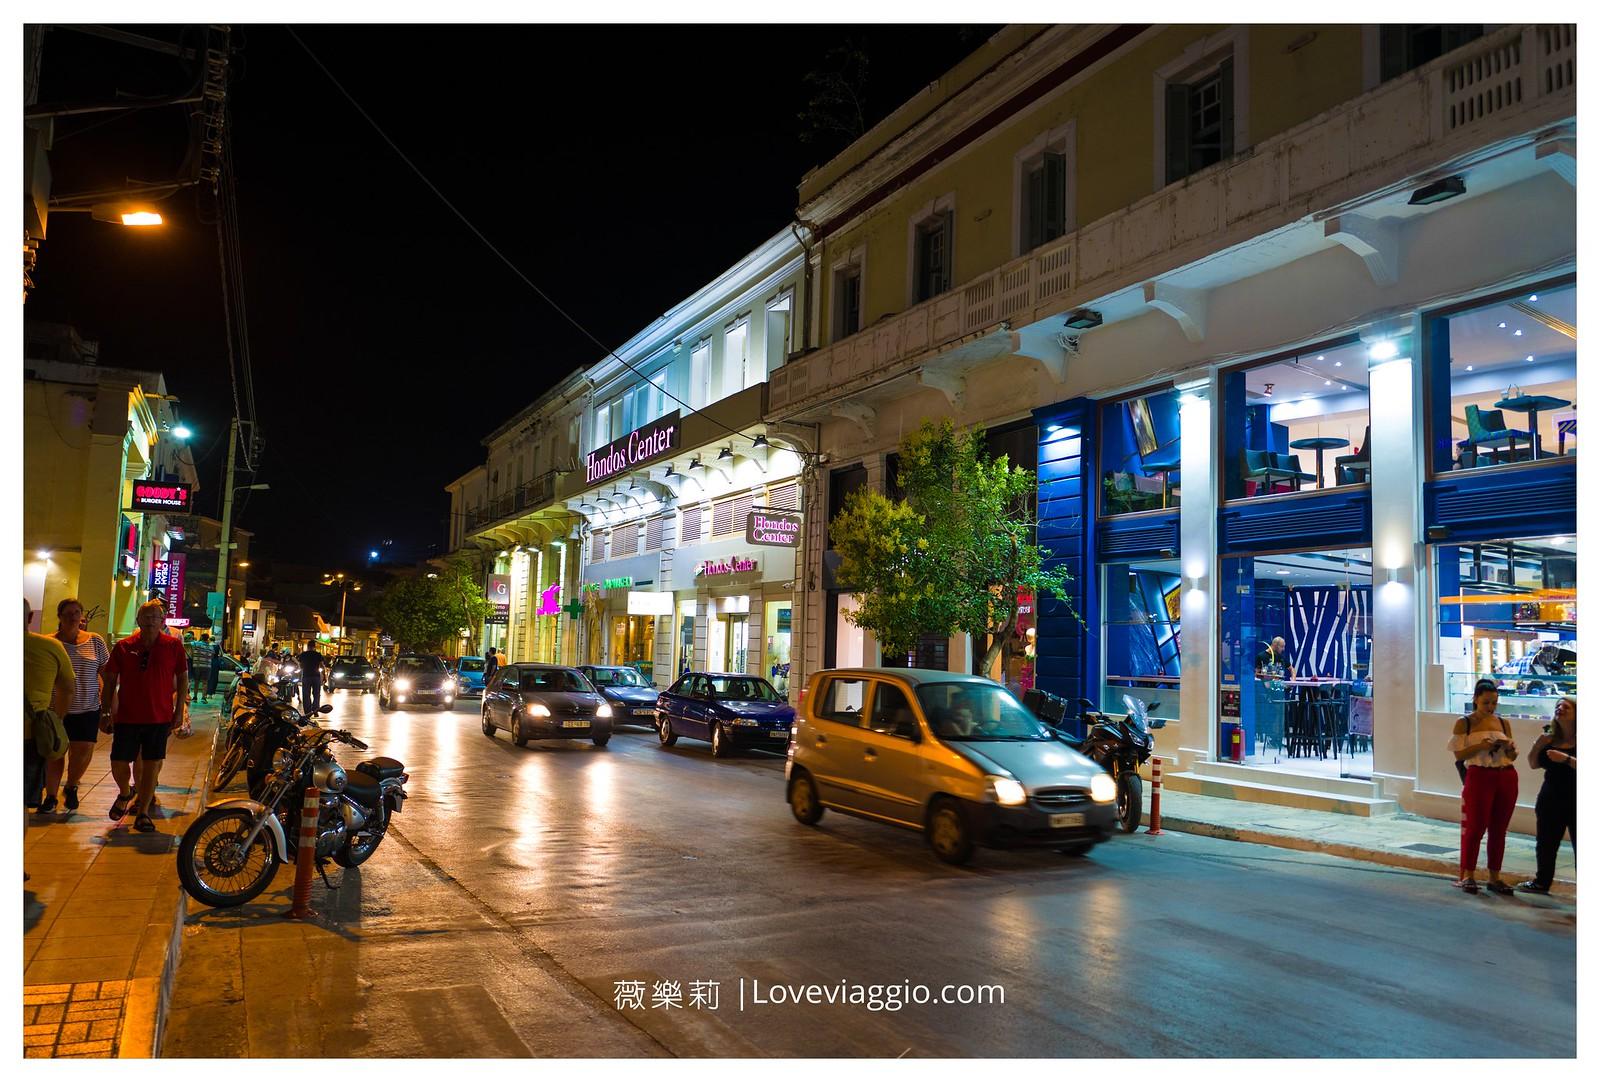 【希臘克里特島Crete】哈尼亞散步路線 蔚藍地中海威尼斯舊港 Chania @薇樂莉 Love Viaggio | 旅行.生活.攝影